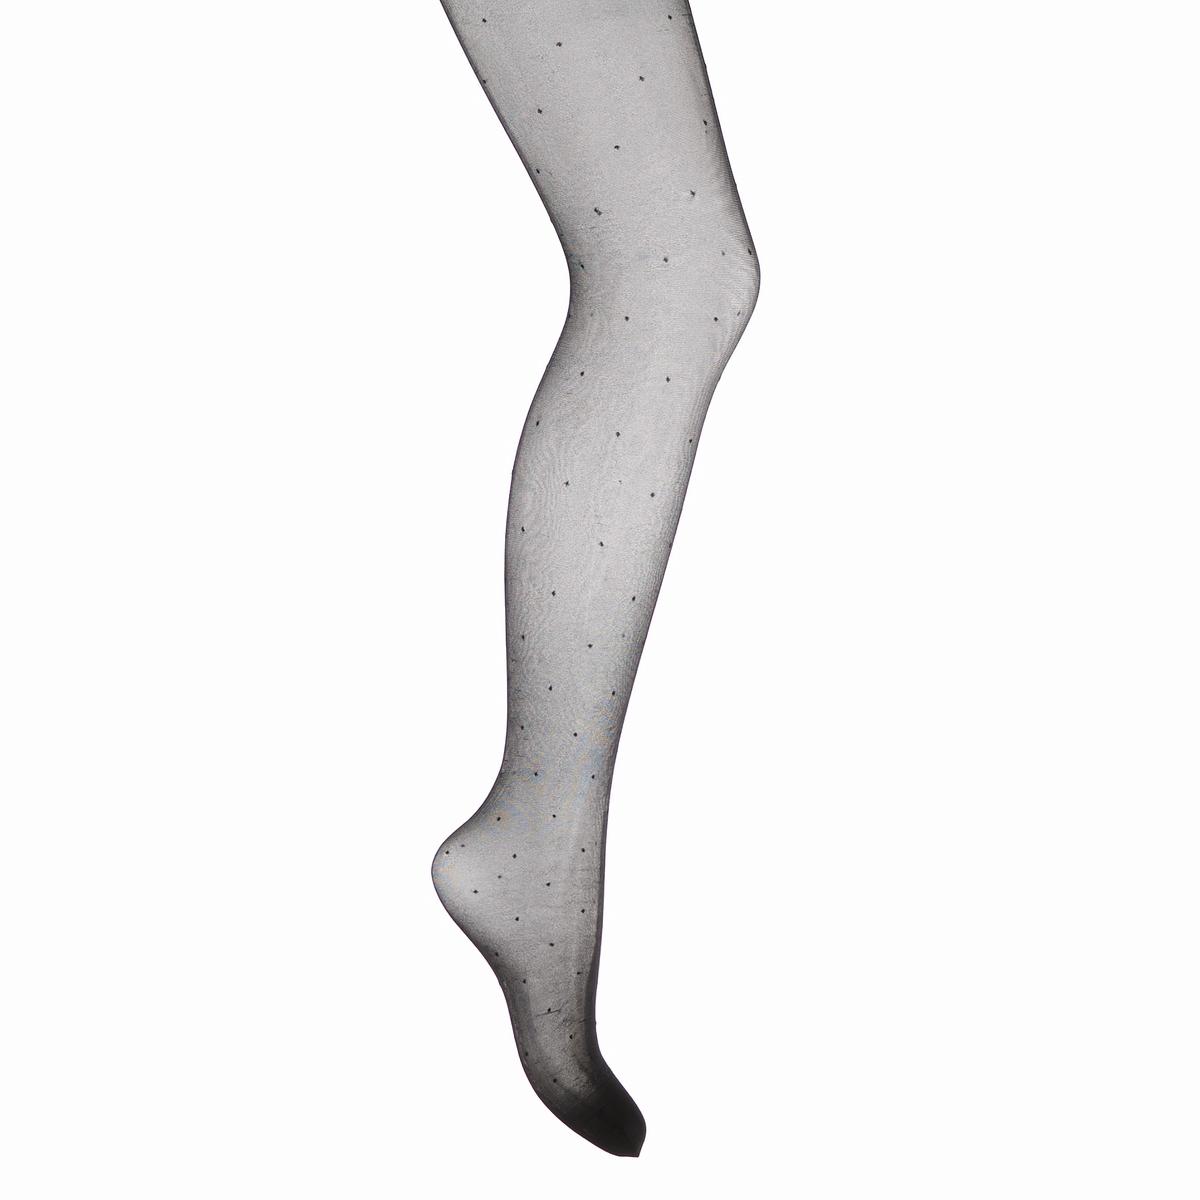 Колготки фантазийные из вуали с вышивкой гладьюКолготки фантазийные из вуали с вышивкой гладью . 20 ден .Состав и уход •  88% полиамида, 12% эластана<br><br>Цвет: черный<br>Размер: 2(M).3(L).1(S).4(XL).5(XXL)